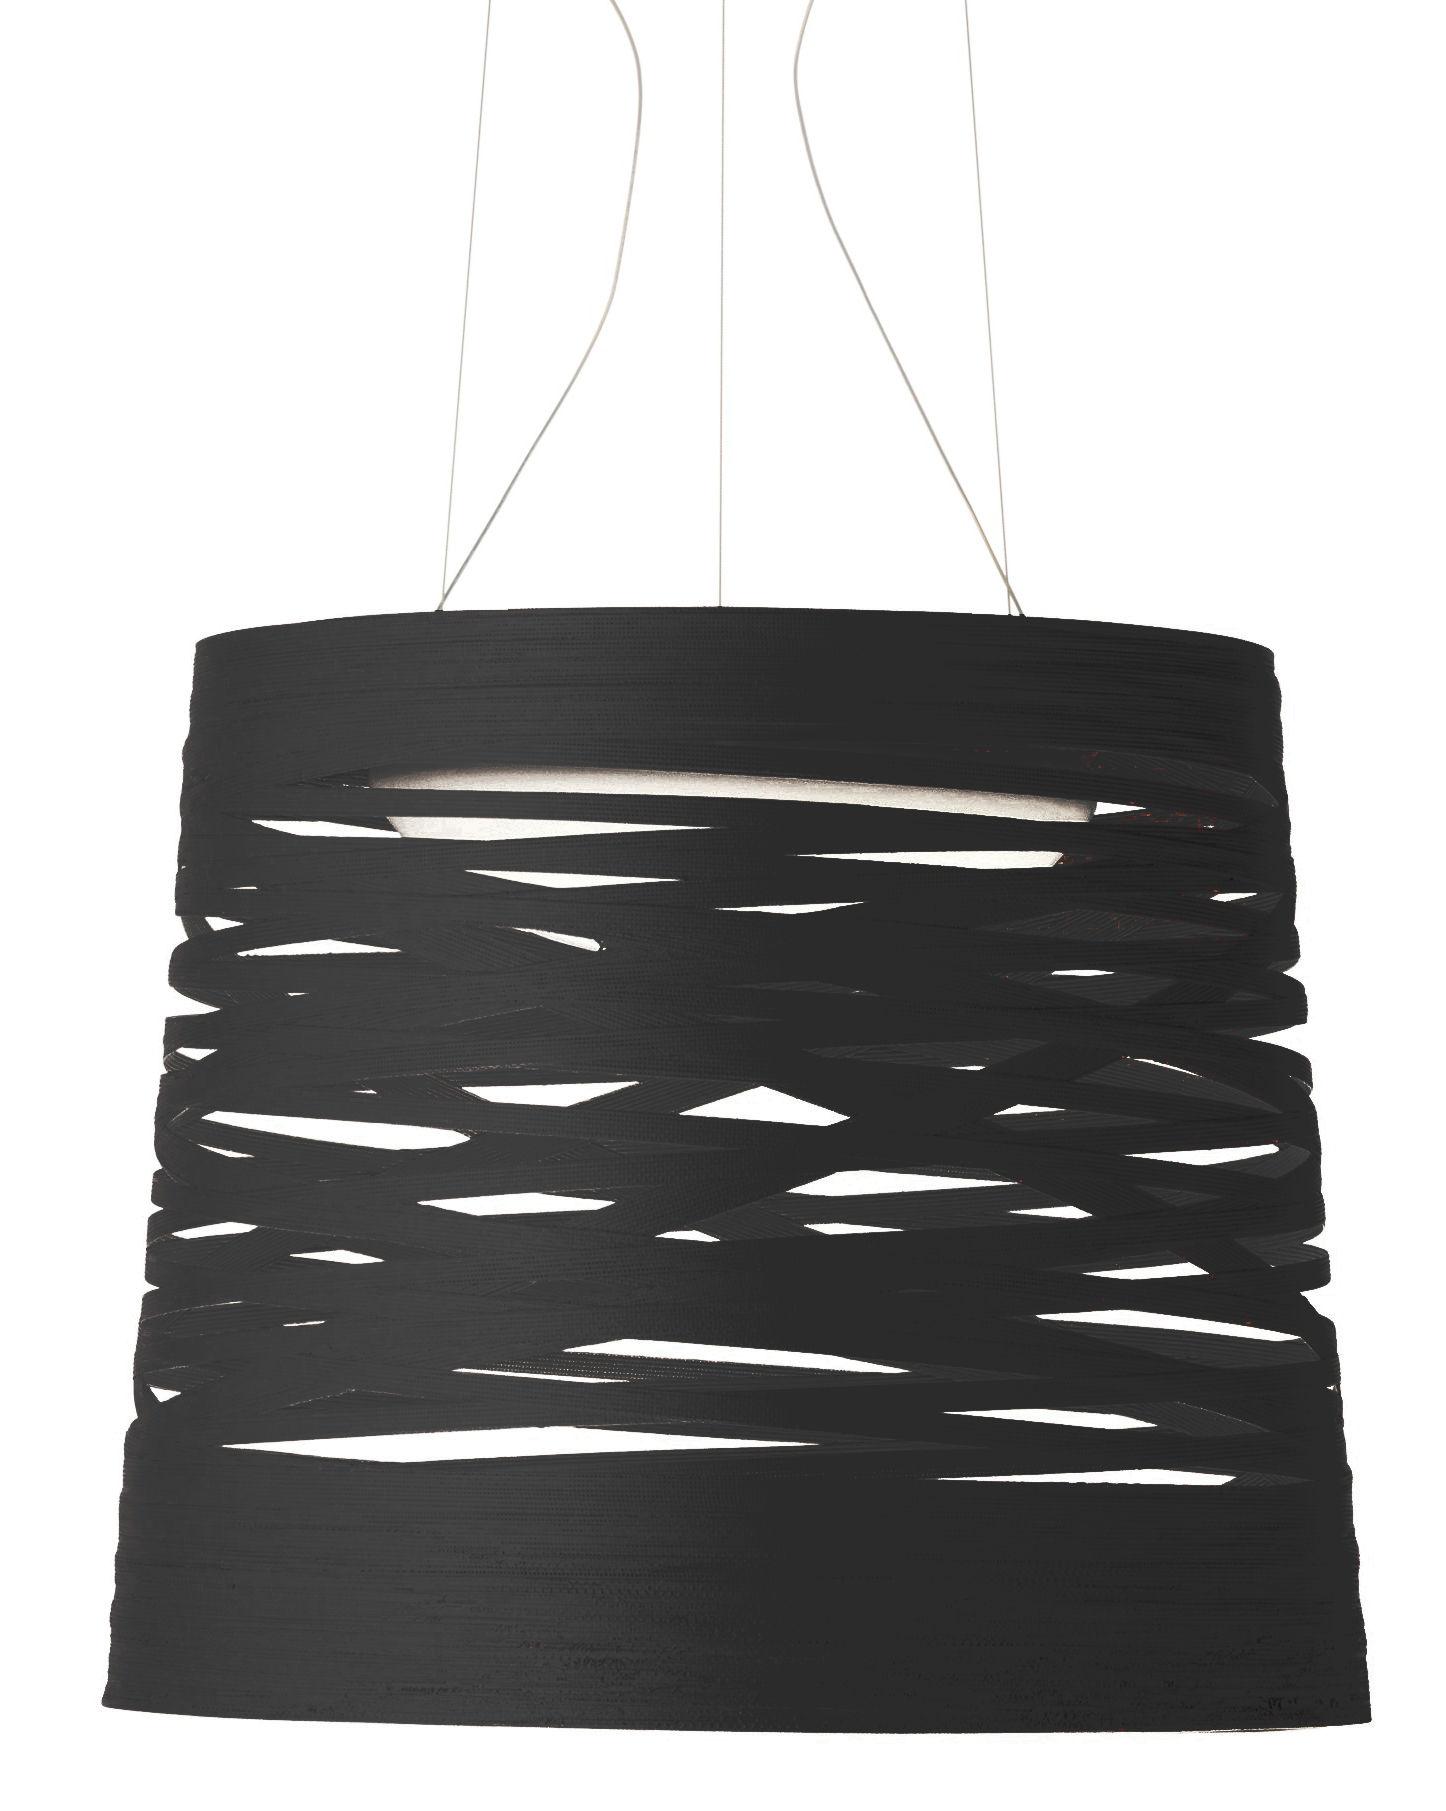 Illuminazione - Lampadari - Sospensione Tress - LED / Ø 48 x H 41 cm di Foscarini - Nero - Acciaio, Fibra di vetro, Materiale composito laccato, Vetro opalino